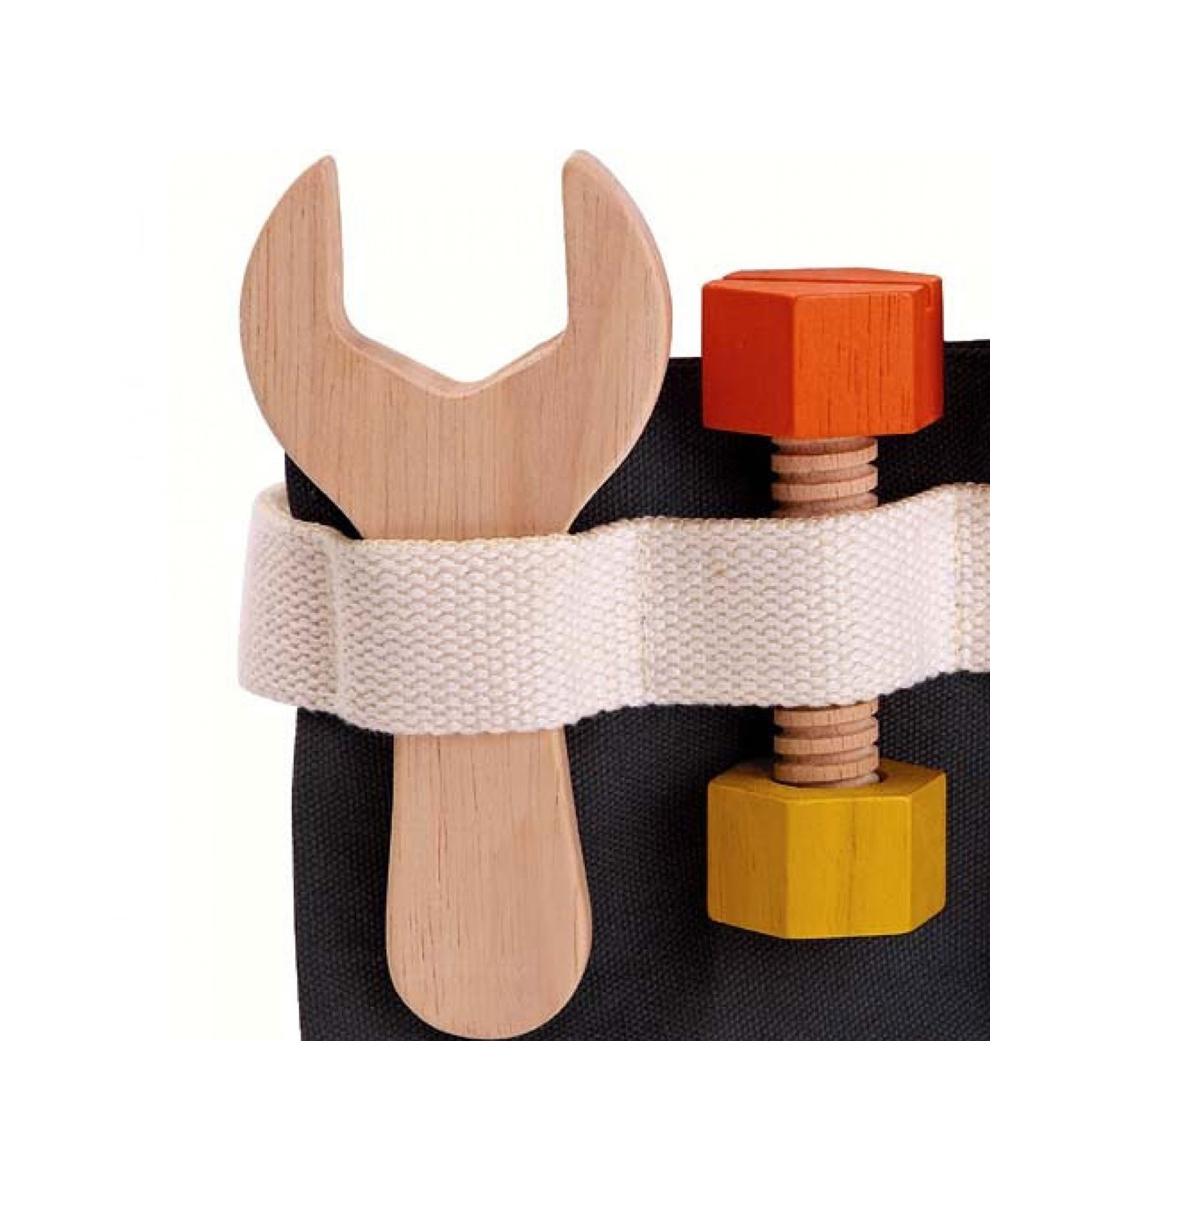 cinturon-de-herramientas-plantoys-en-el-mundo-de-mico_3